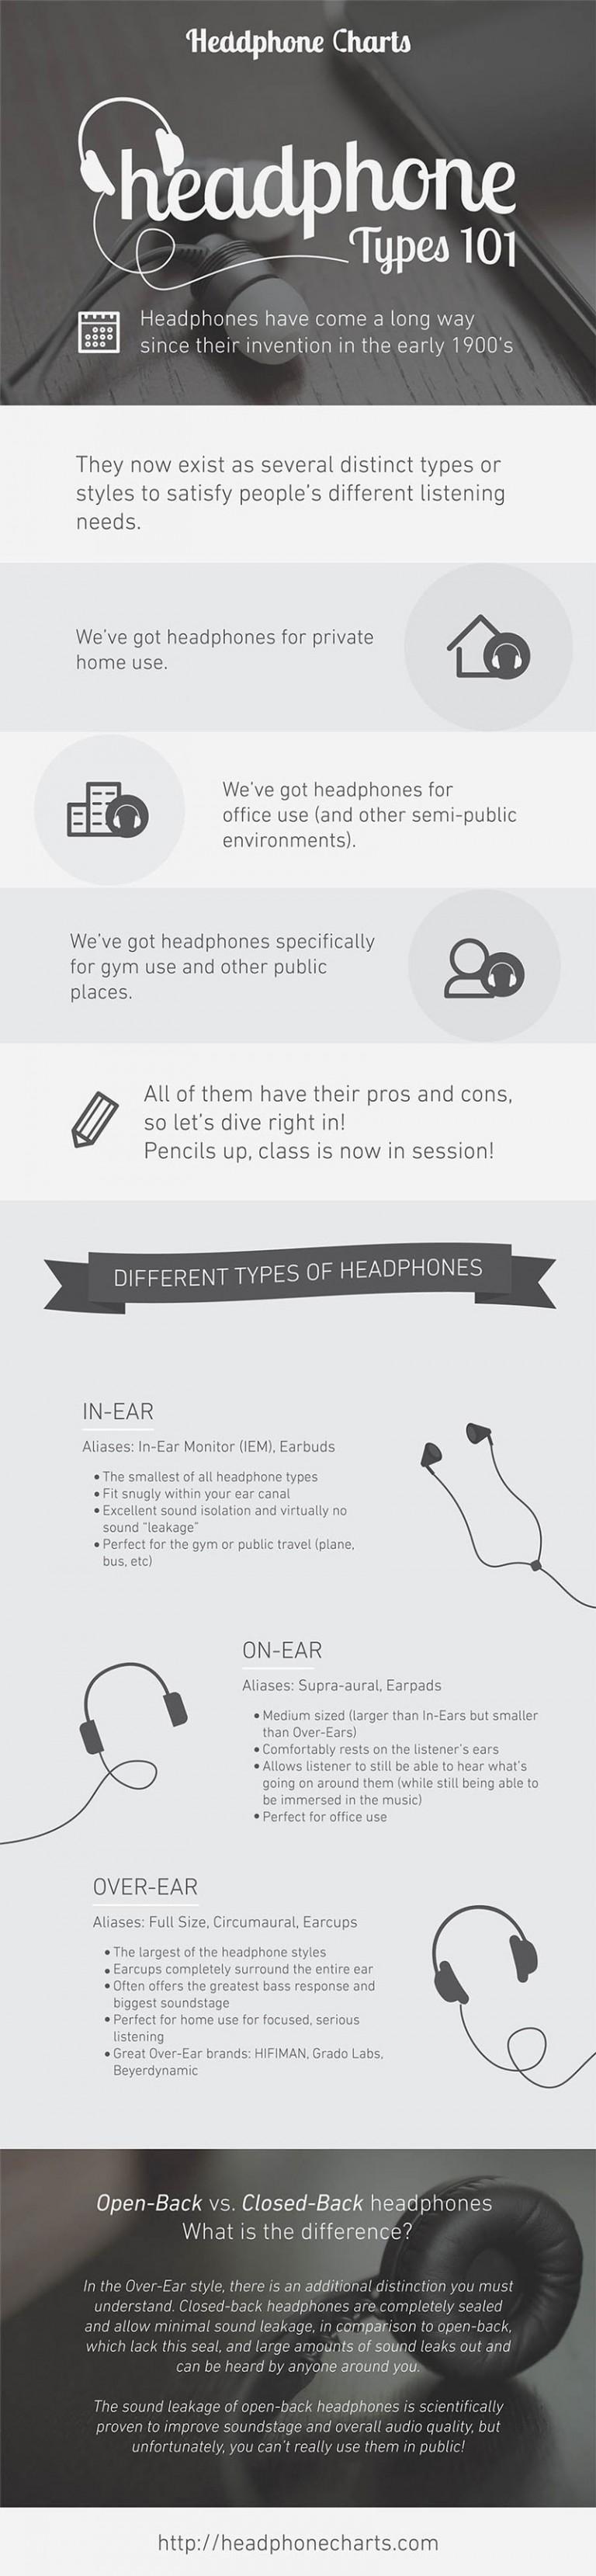 Headphone Types 101 - Infographic